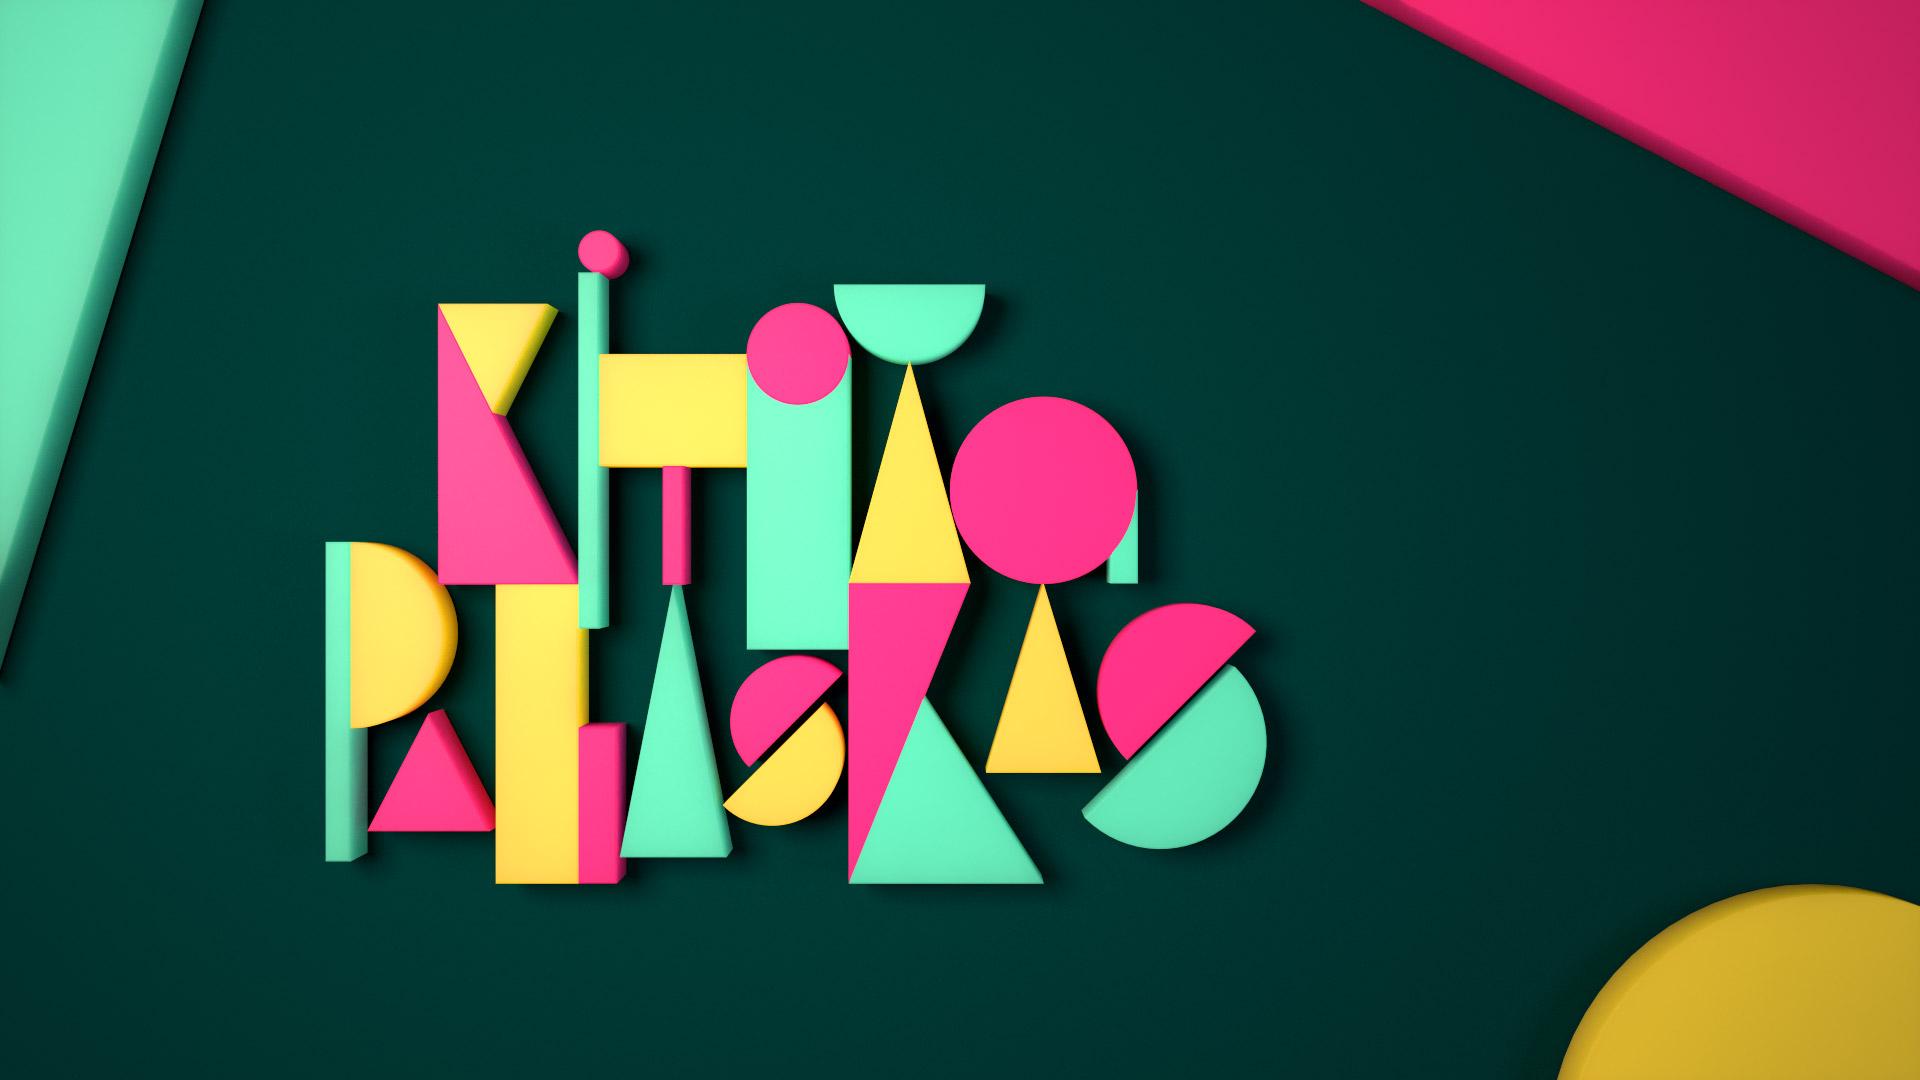 Adobe Make It Kitiya Palaskas